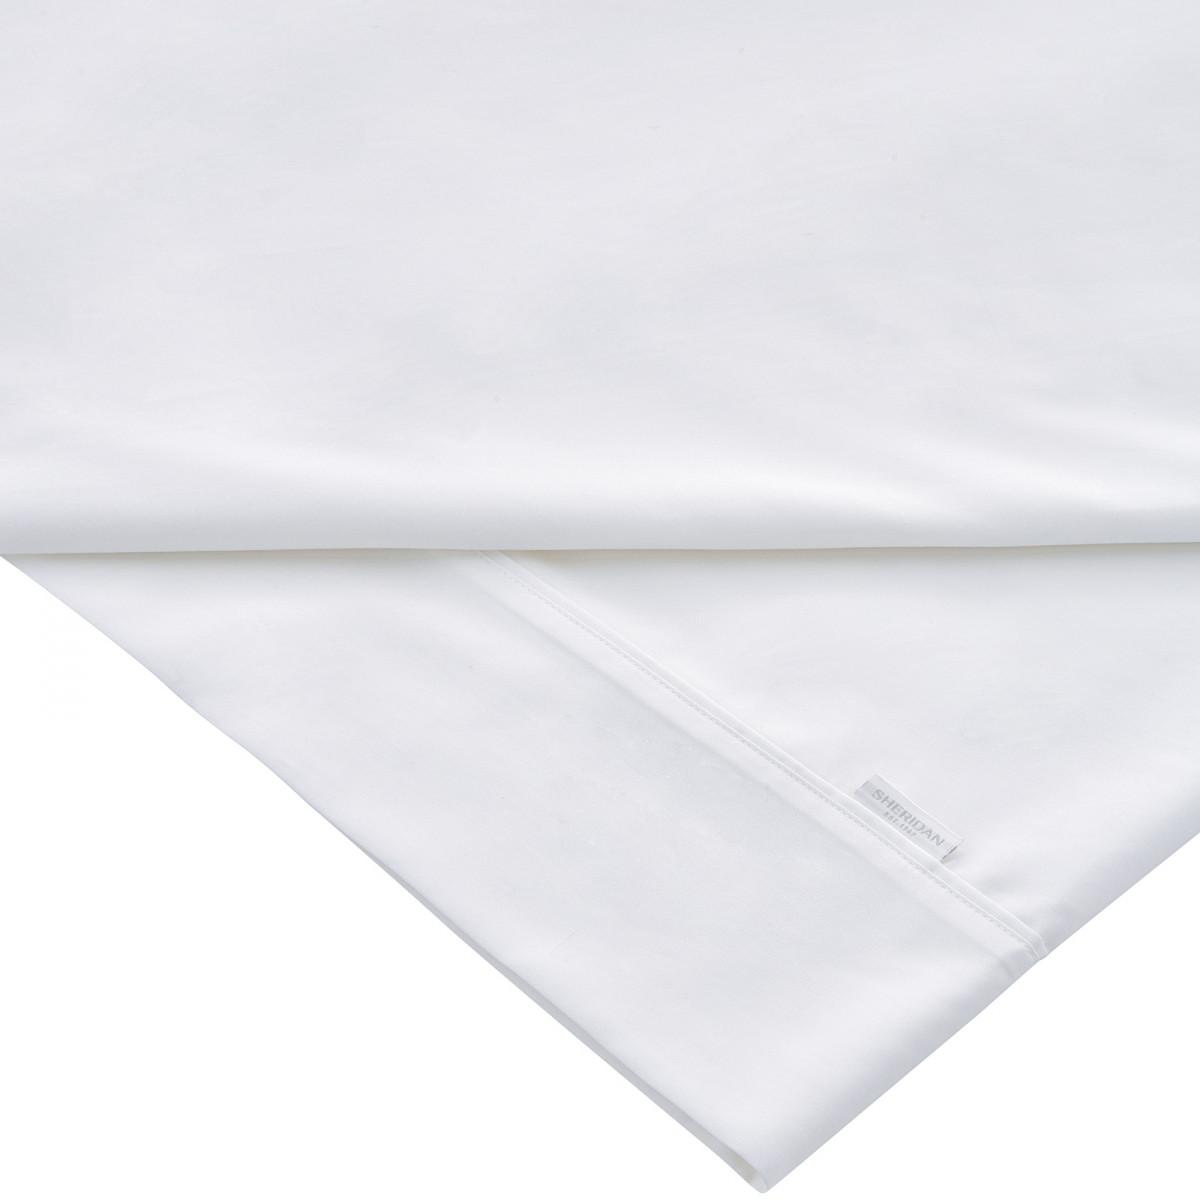 TENCEL FLAT SHEET KING - WHITE